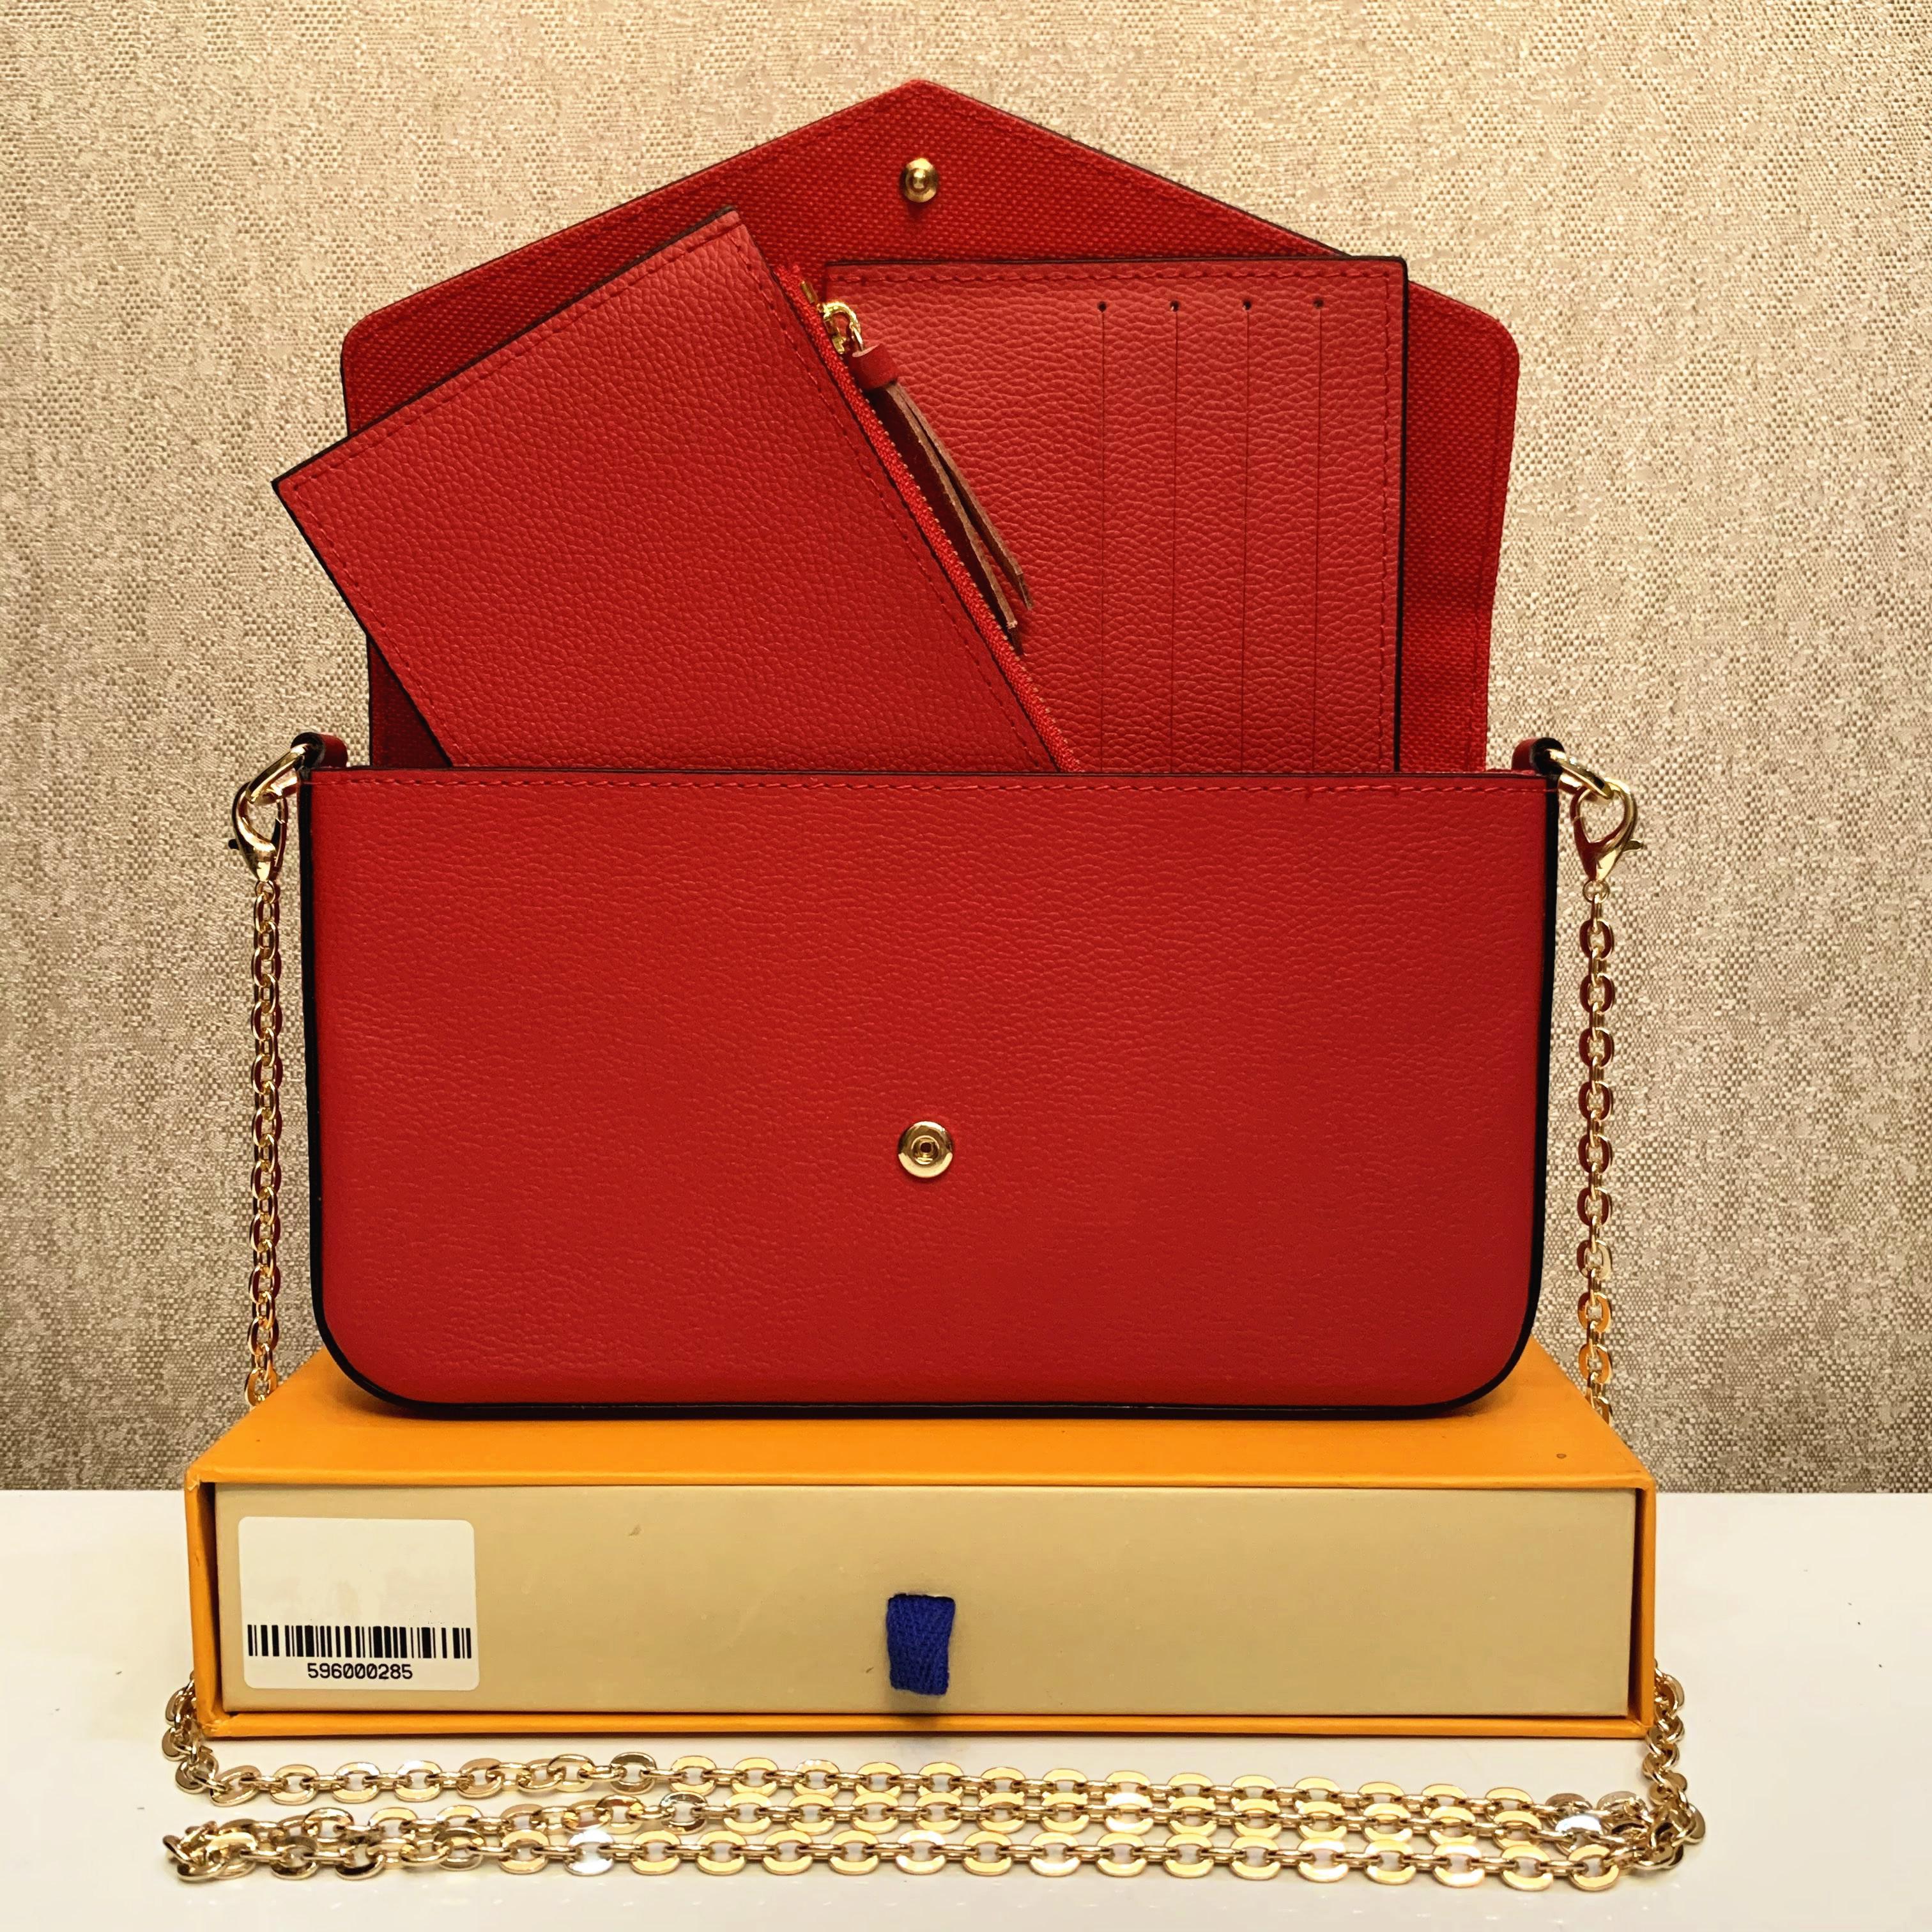 6 colori Borsa in rilievo in rilievo Borsa Borsa Borsa Originale Box Data Codice Moda Abbigliamento All'ingrosso Checker Plaid Flower M612676